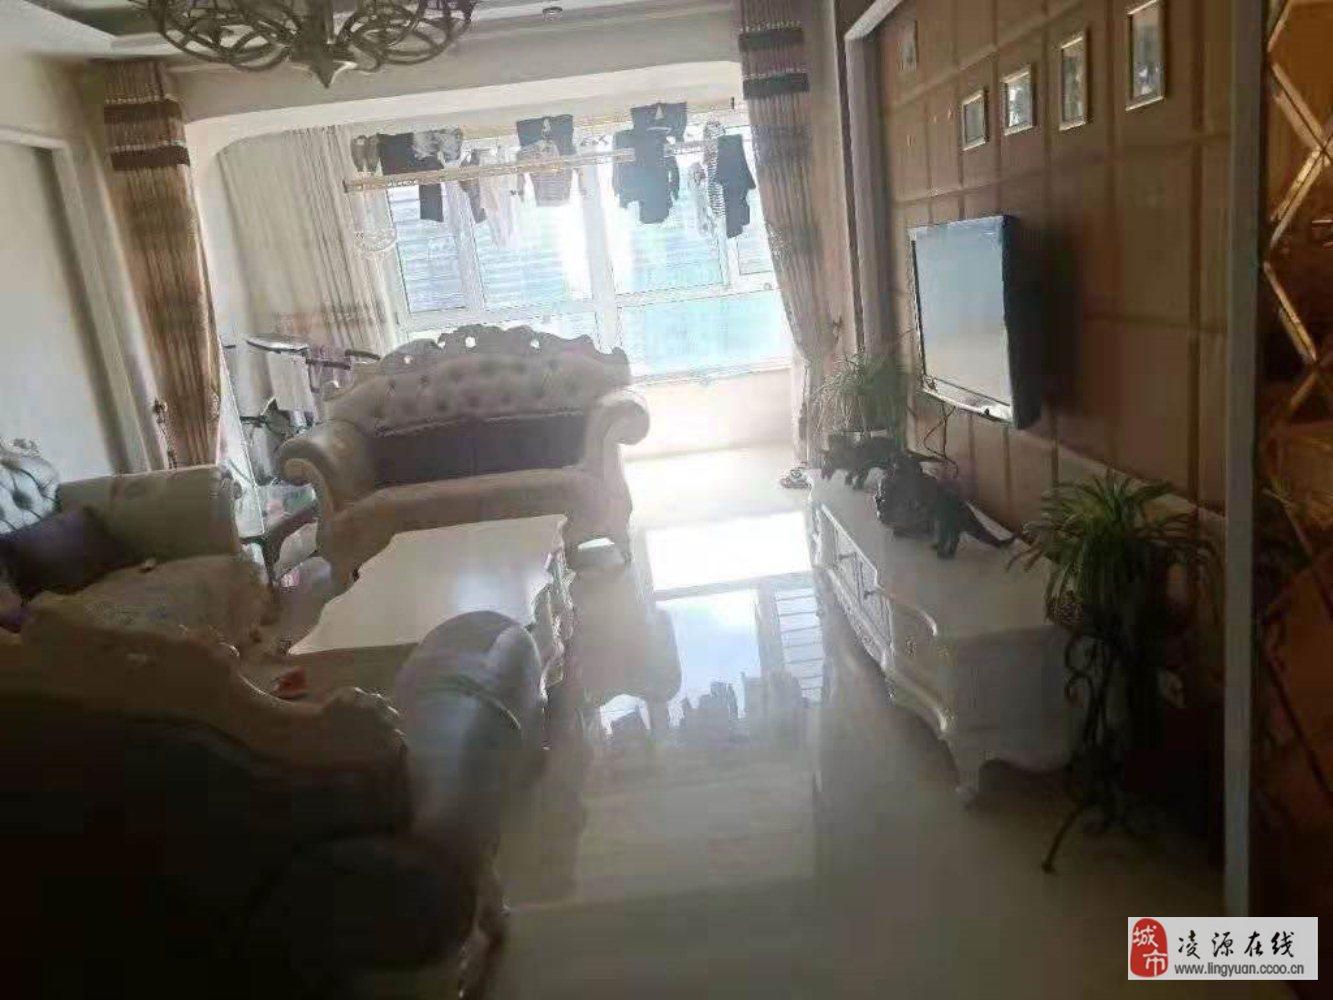 鴻晟園9樓精裝修!110平兩室帶衣帽間!50.5萬小稅貸款!